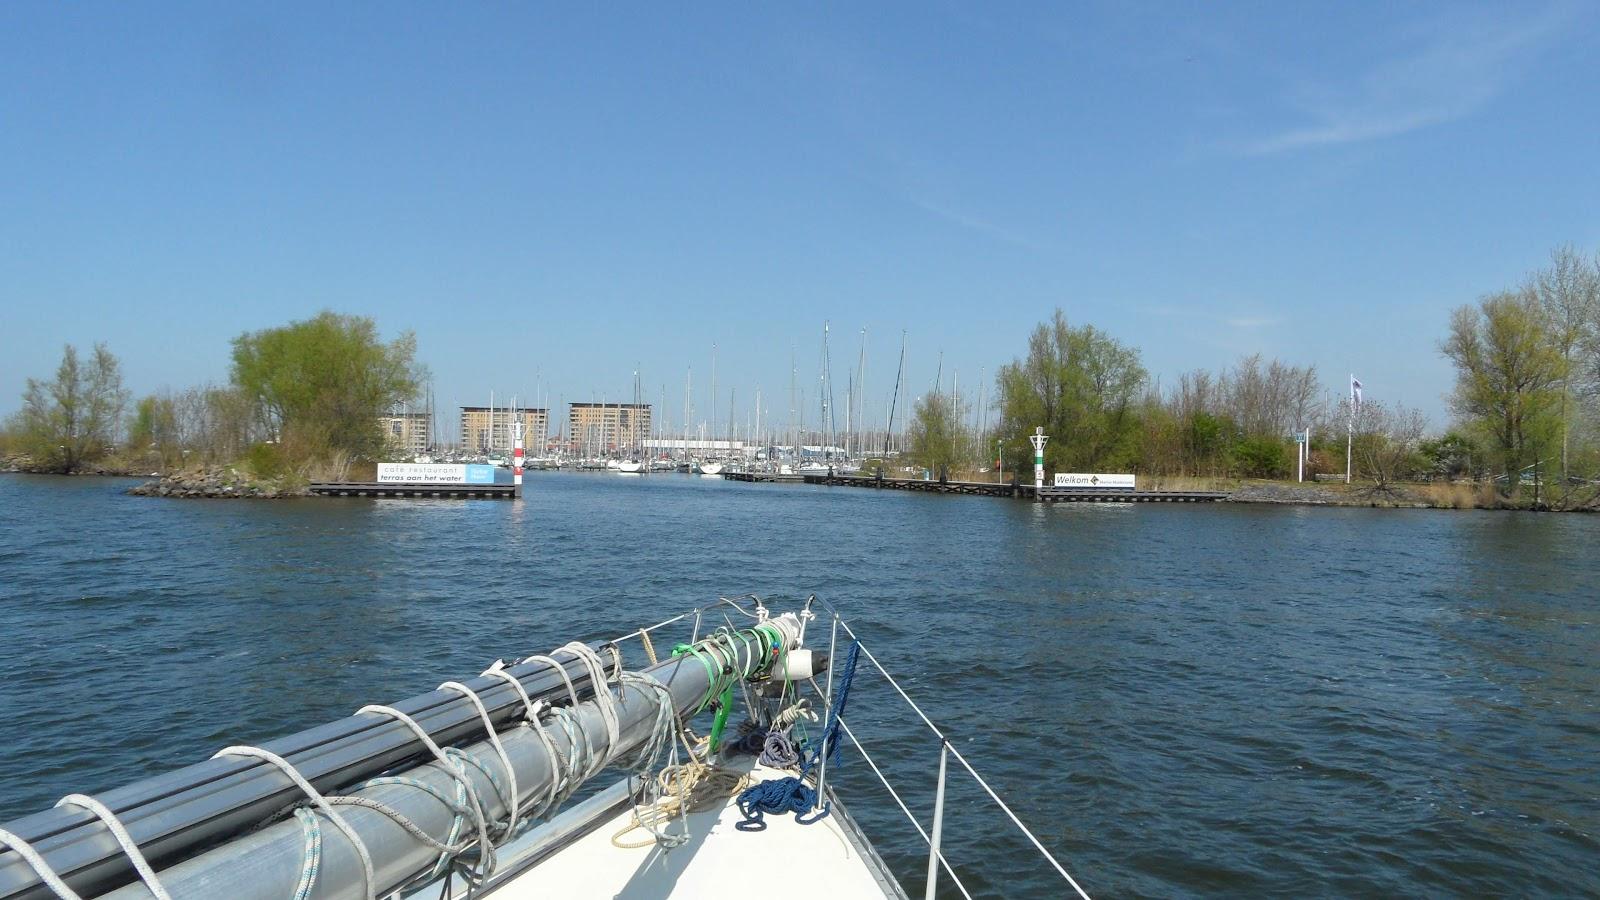 das Ziel vor Augen - Hafen Muiderzand